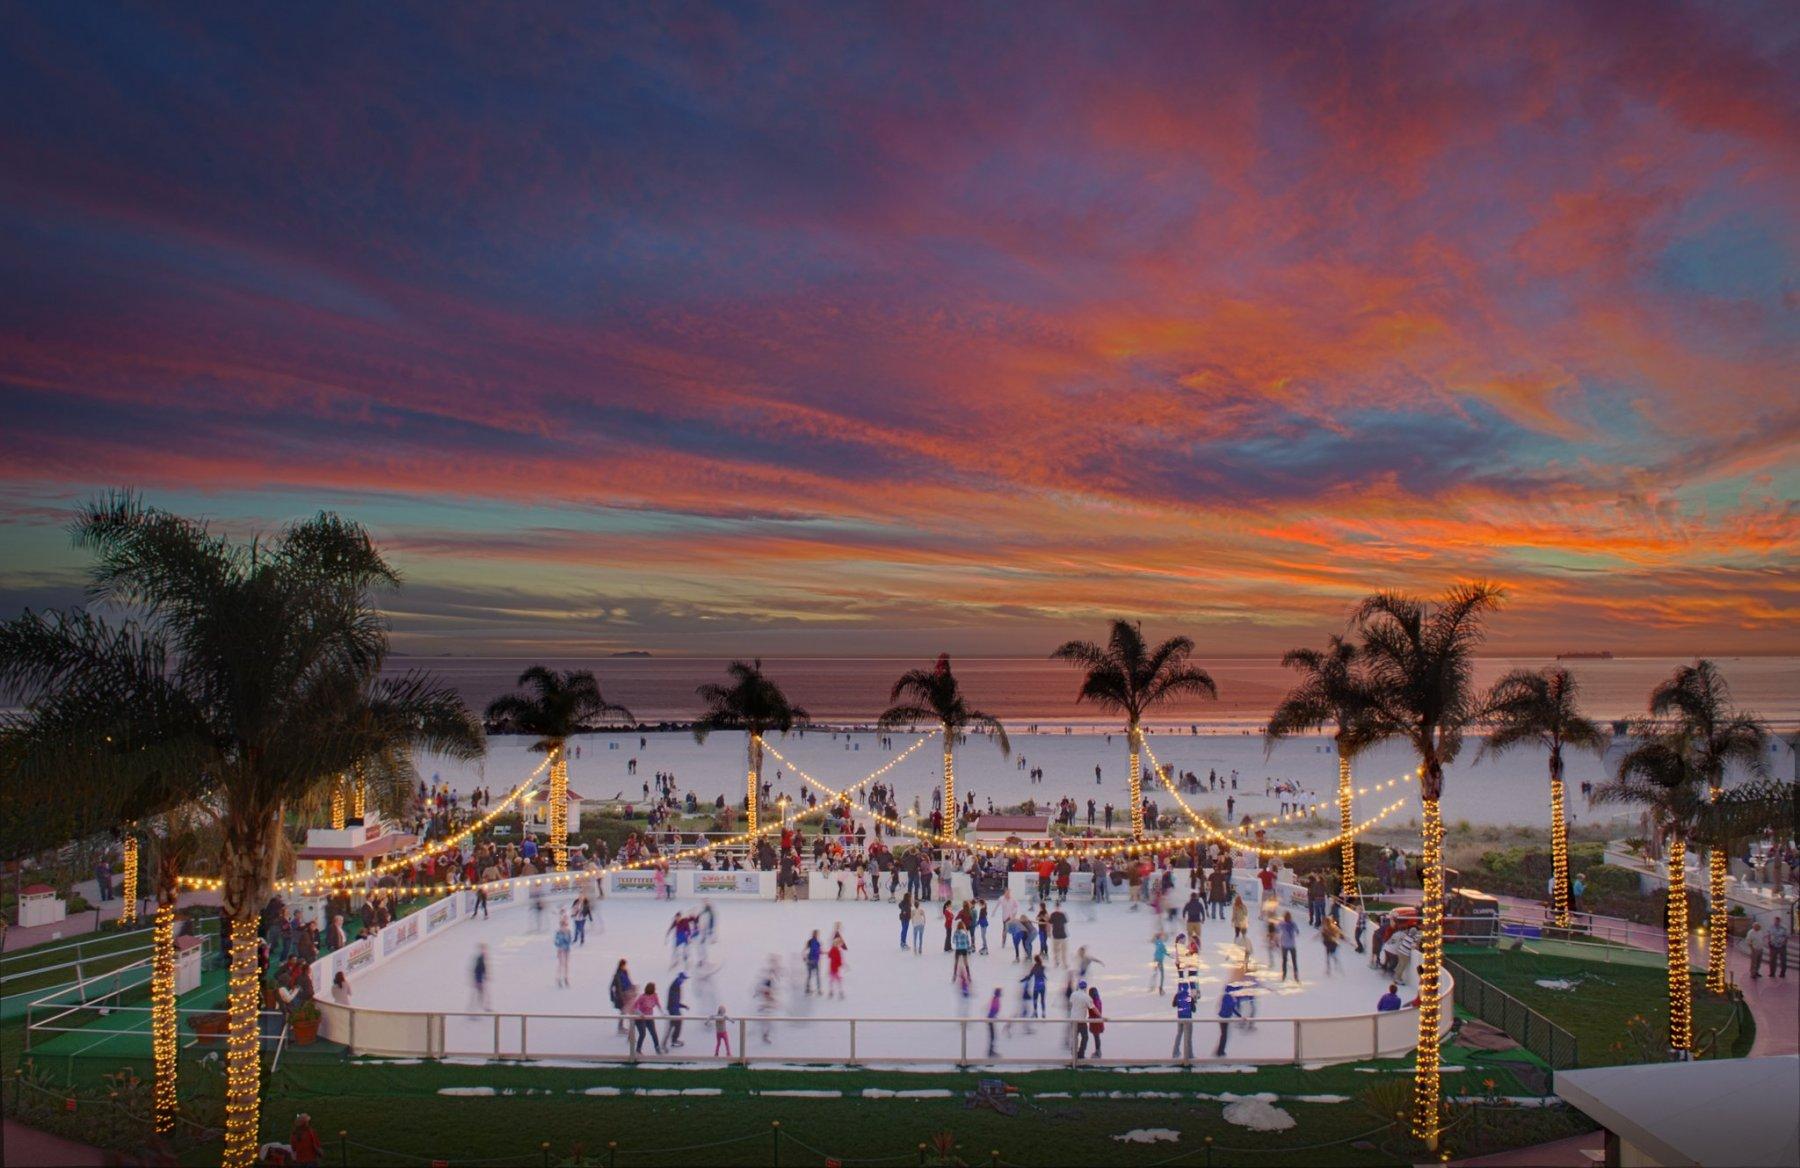 Ice skating at the Hotel del Coronado